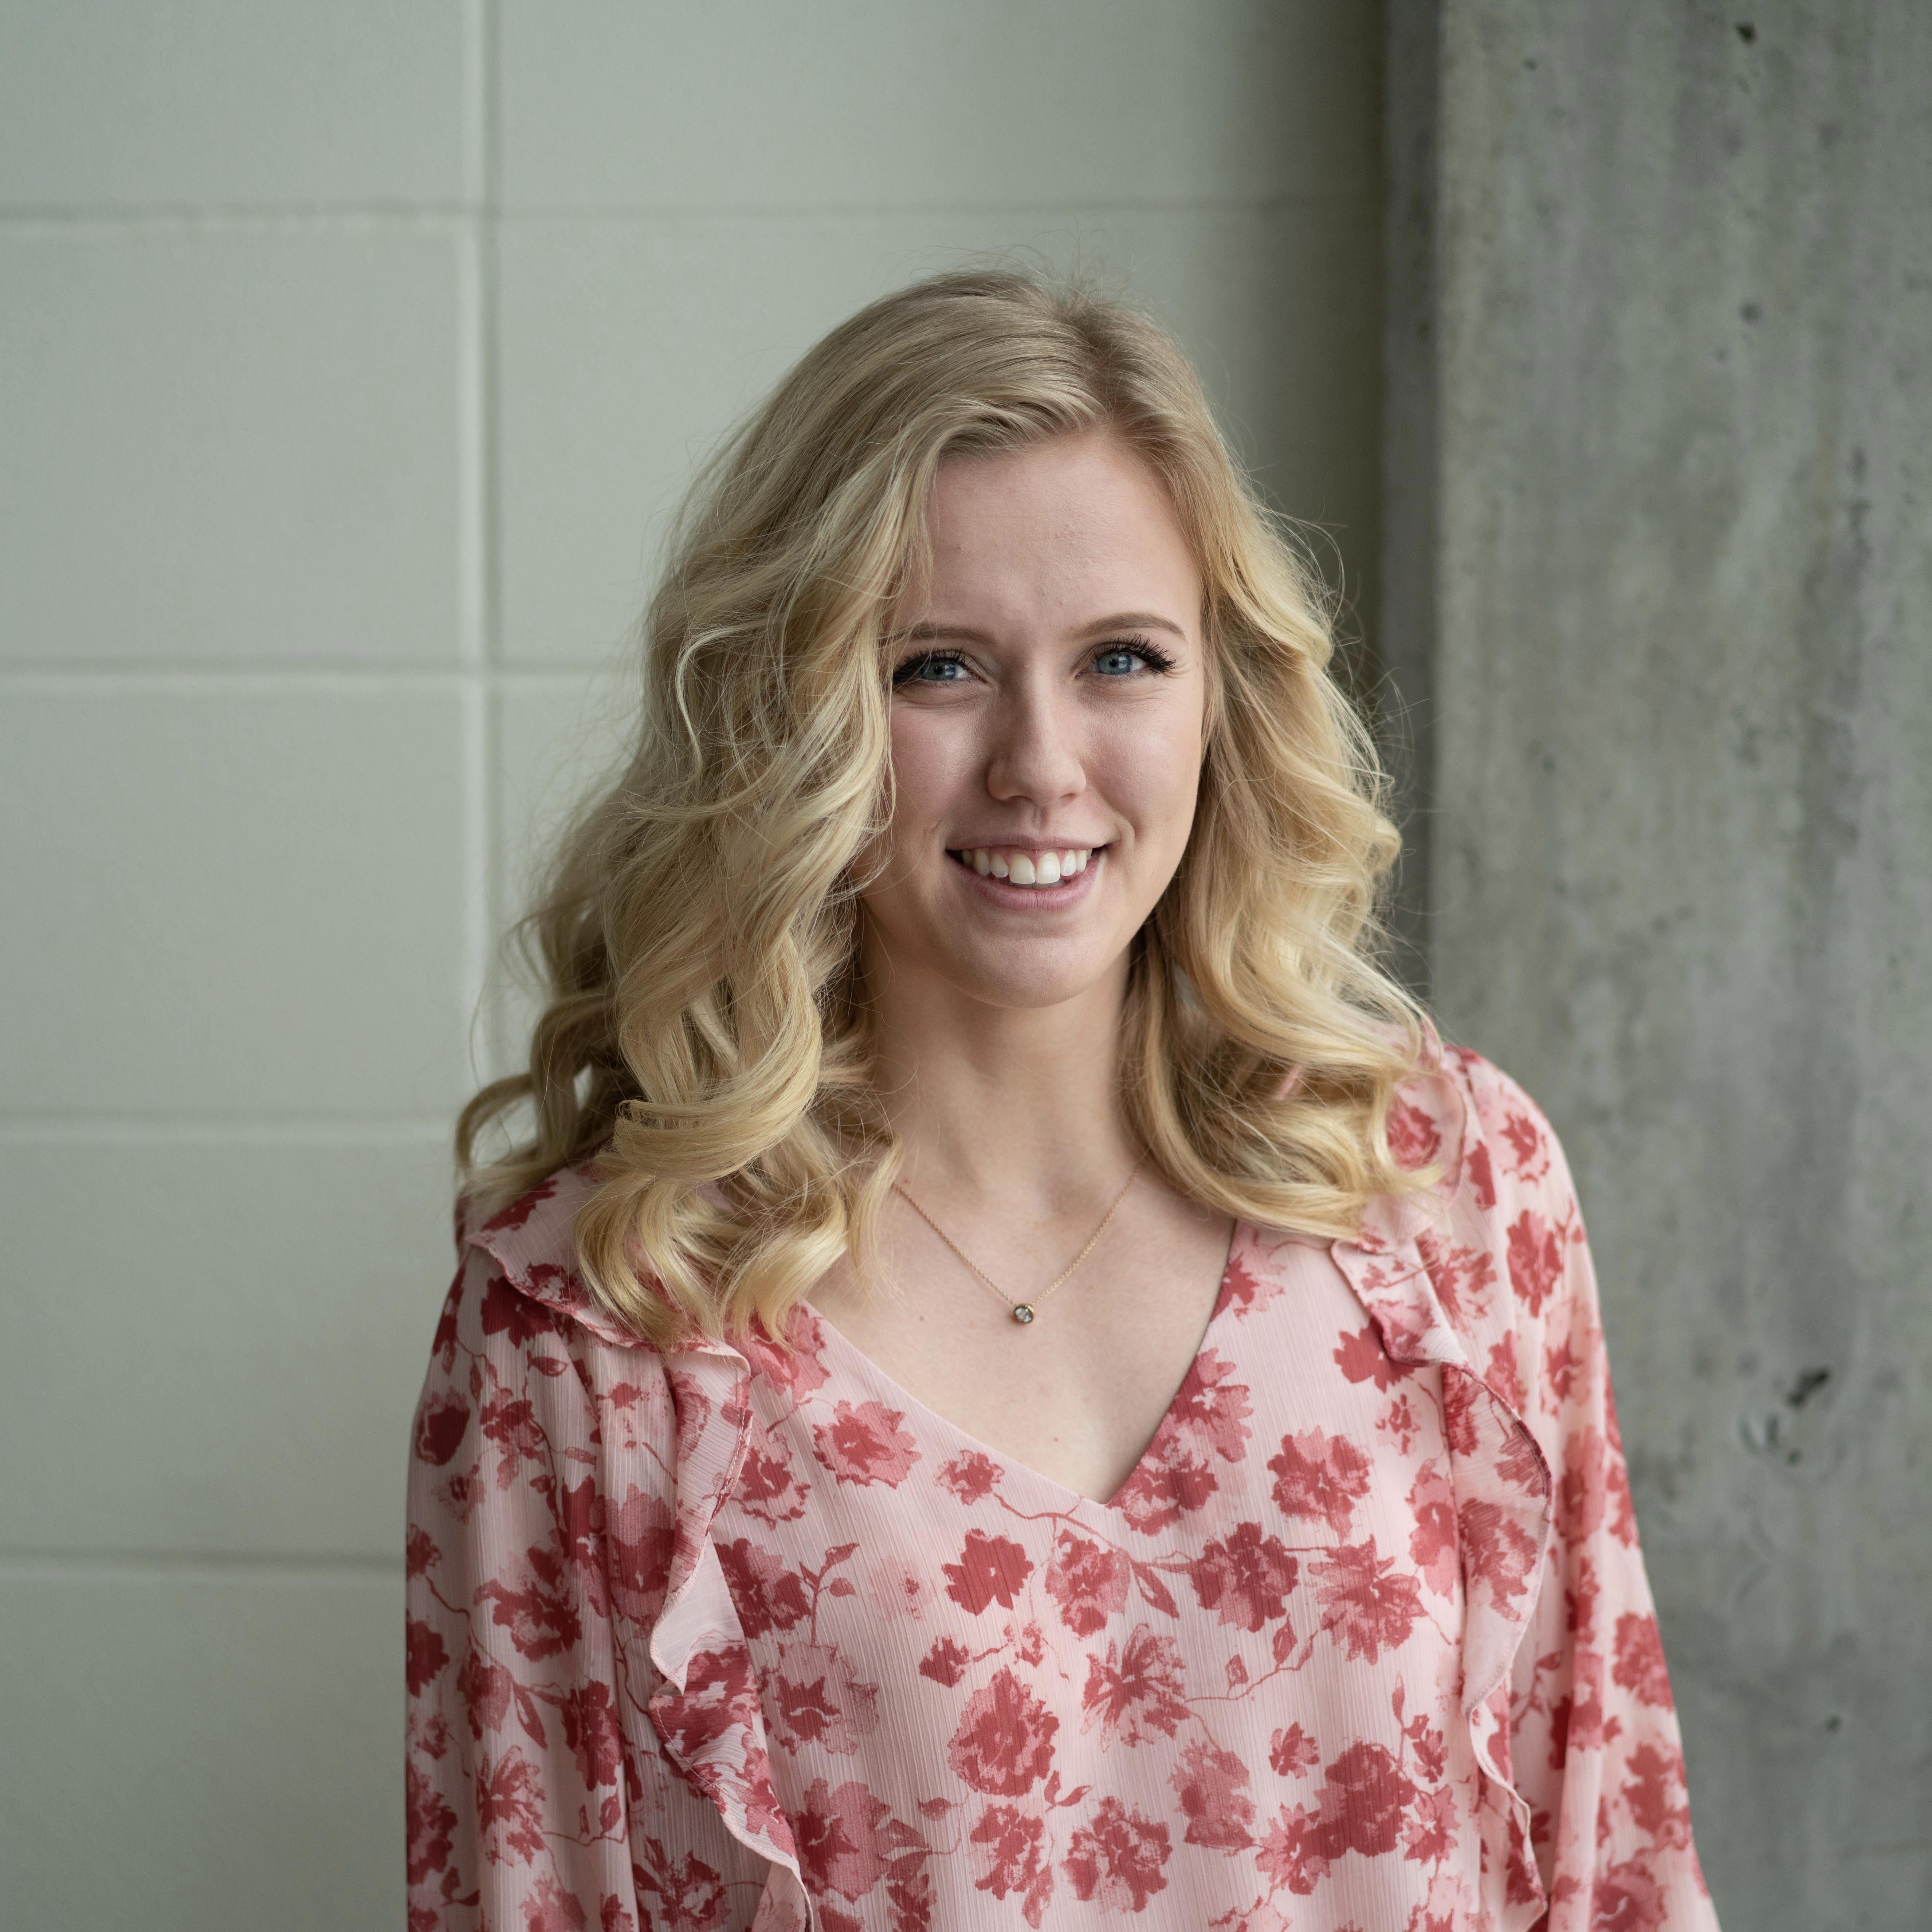 King's student, Lauren Kroetsch